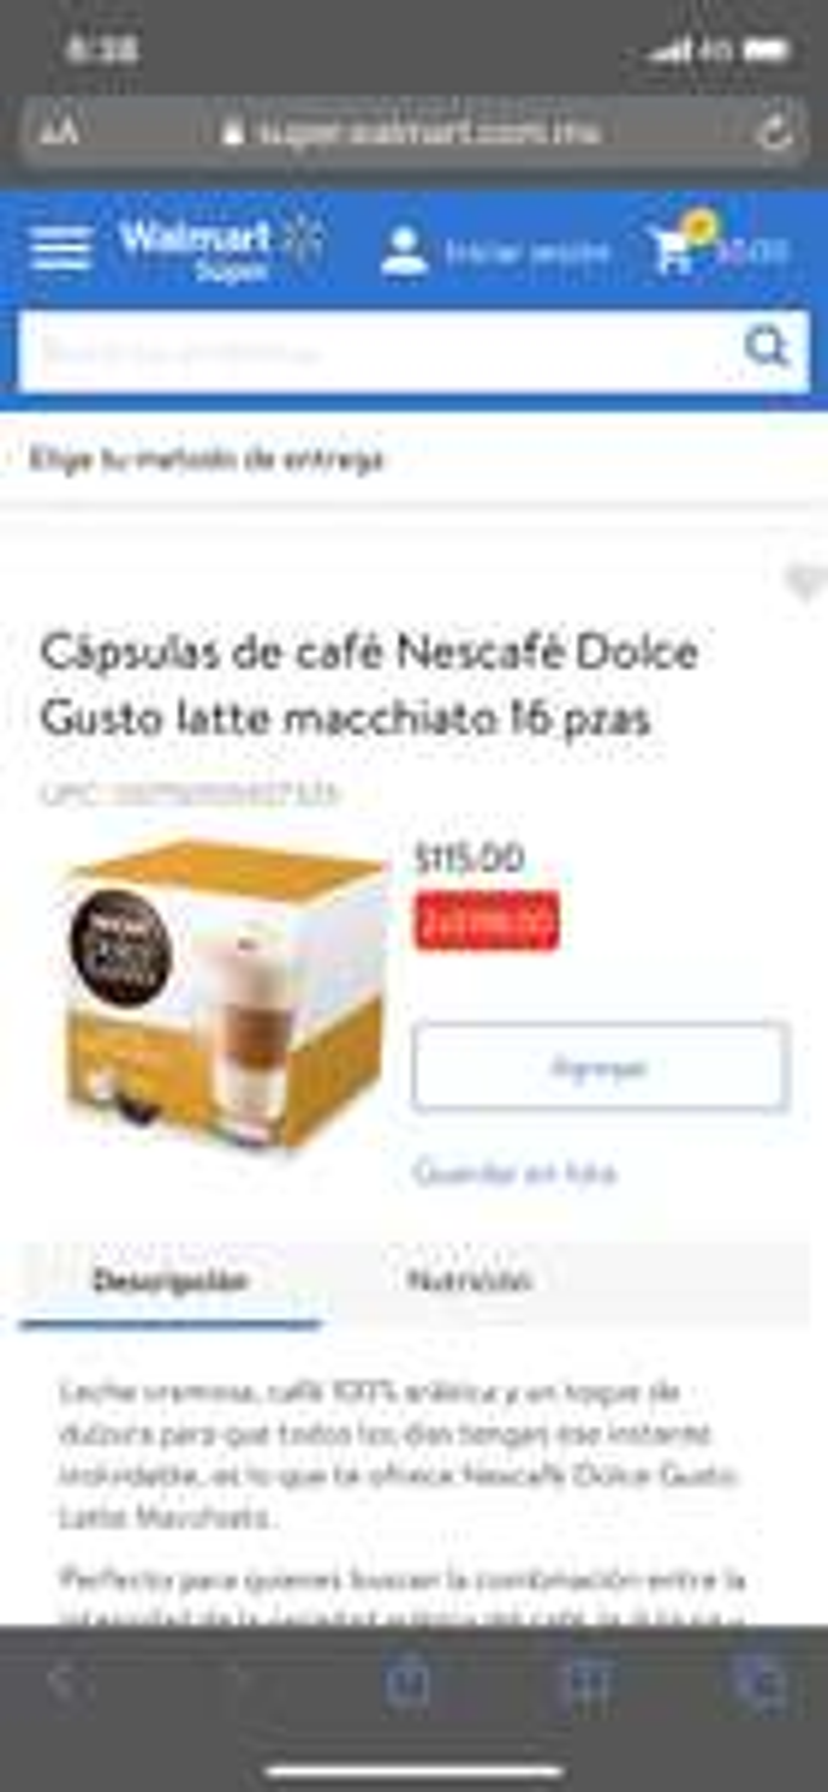 Walmart Variedad de cafés dolce gusto 2x$198.00